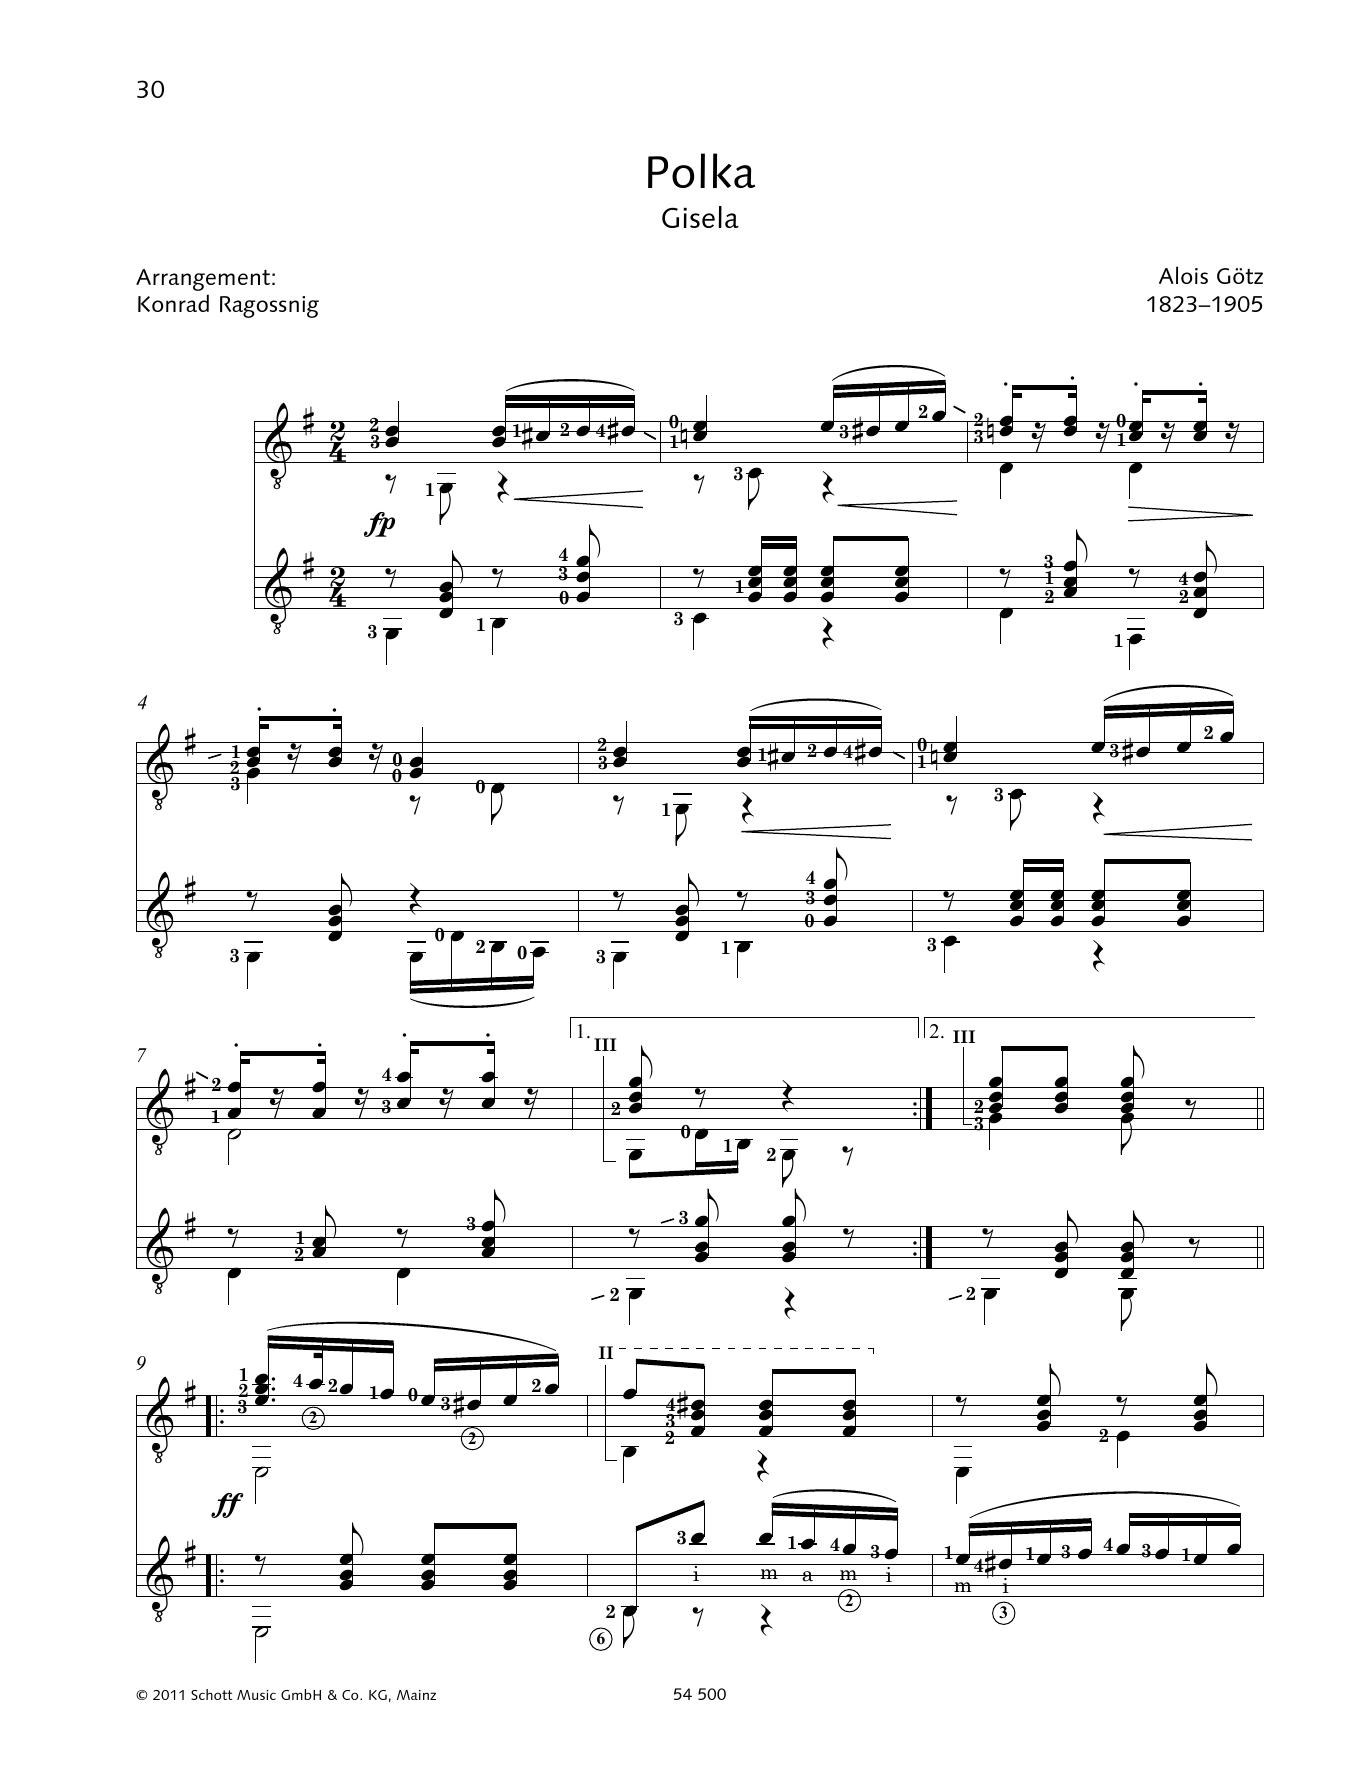 Polka - Full Score Sheet Music